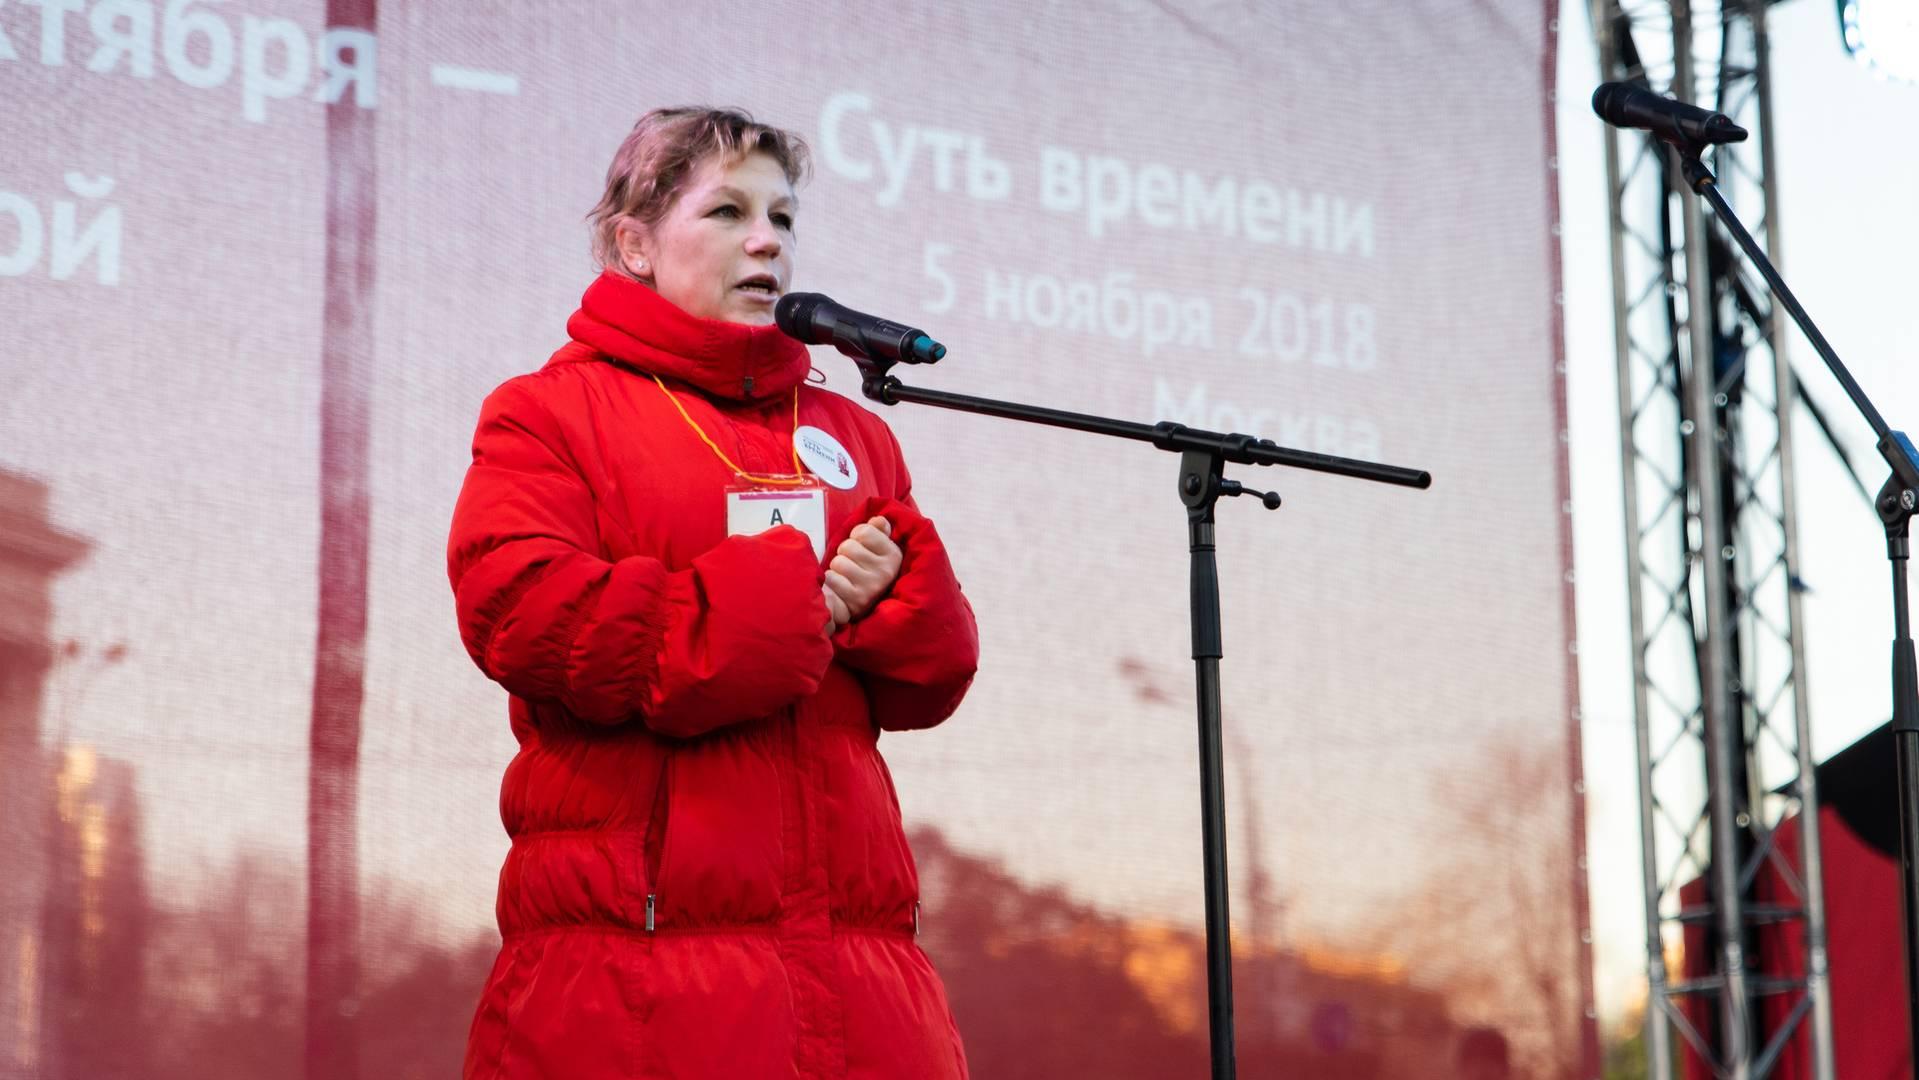 Анна Кульчицкая на митинге «Сути времени» в Москве, 5 ноября 2018 г.